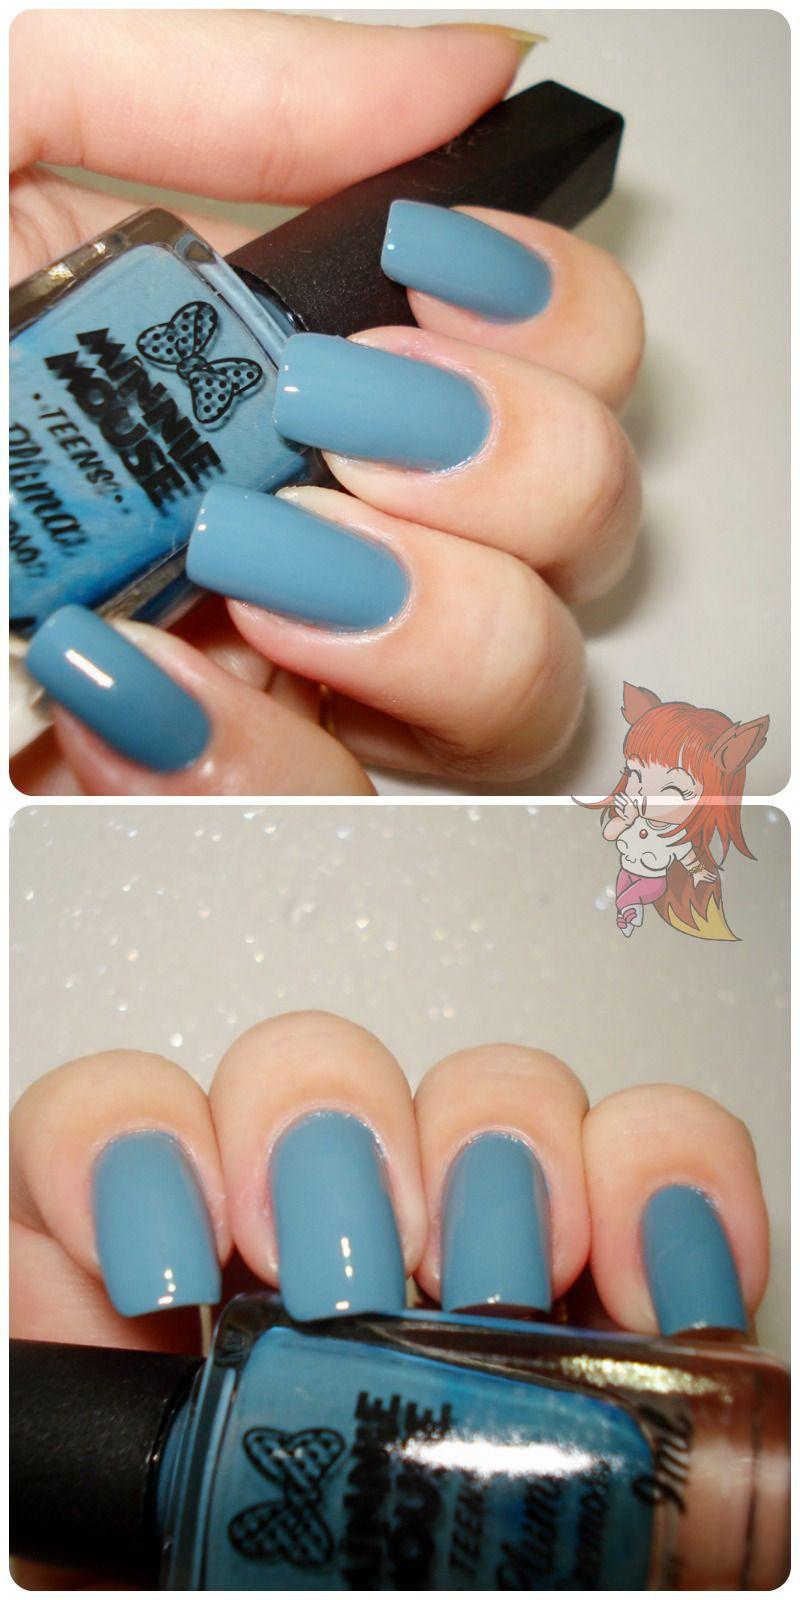 Esmalte Minnie Mouse - Pluma - Resenha  Hoje tem um azul lindo da #minniemouse no blog. http://www.ruivacohen.com.br/2016/05/esmalte-minnie-mouse-pluma-resenha.html